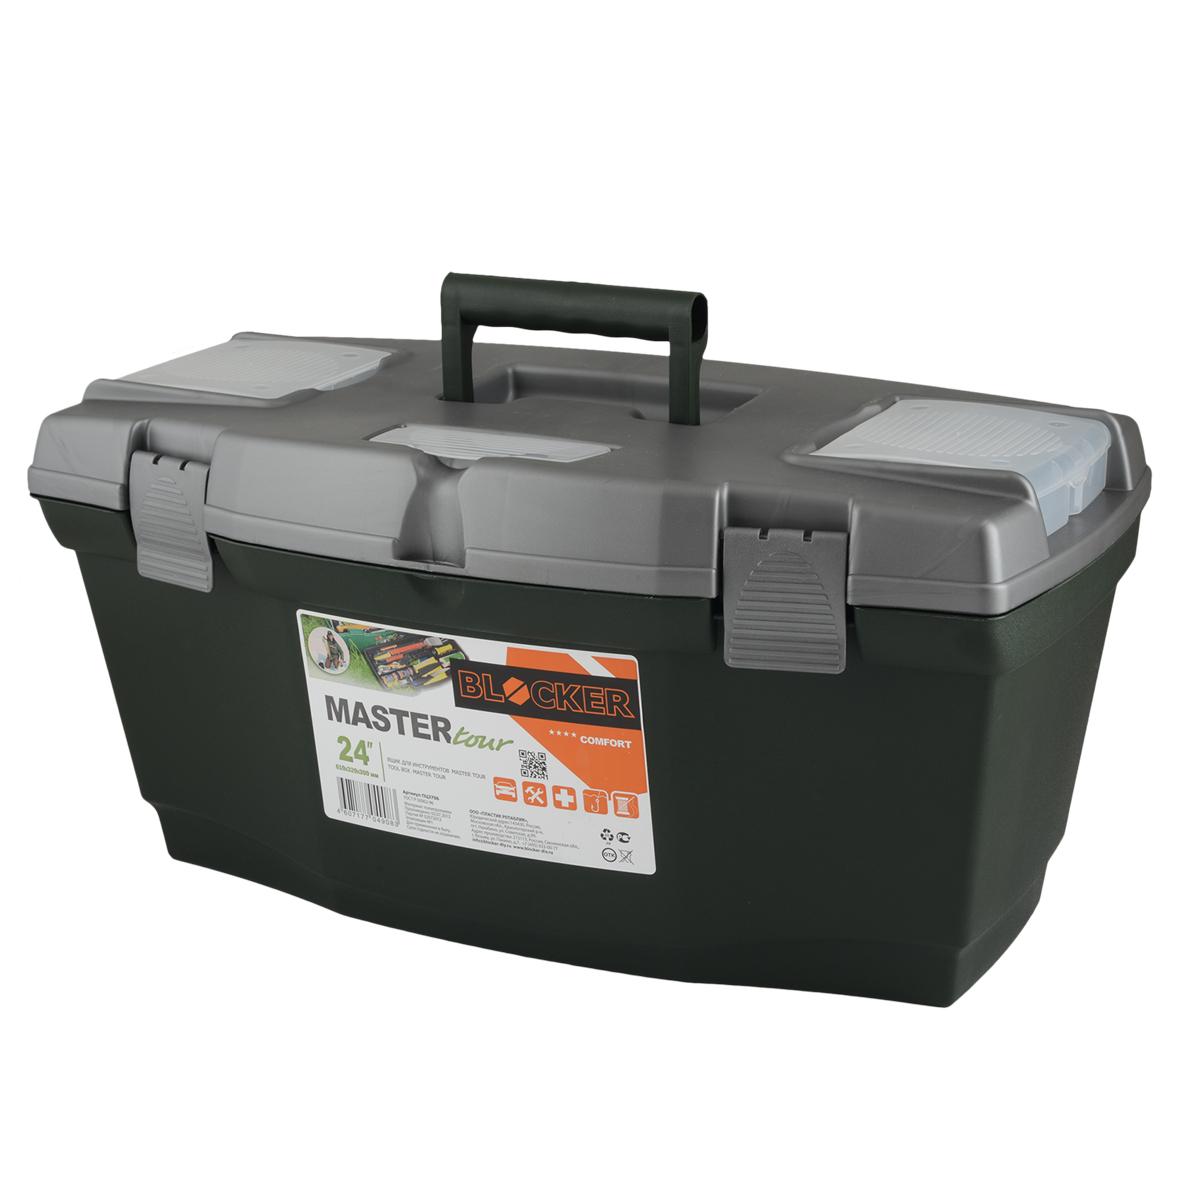 Ящик для инструментов Blocker Master Tour, цвет: темно-зеленый, 610 х 320 х 300 мм25616-H12Многофункциональный ящик Blocker Master Tour отлично подходит для хранения небольших рыболовных и охотничьих принадлежностей, может быть использован для переноски мангала, посуды и многих вещей, которые могут понадобиться на отдыхе или в путешествии. Ящик имеет надежные замки и встроенные органайзеры в крышке для размещения мелких деталей.